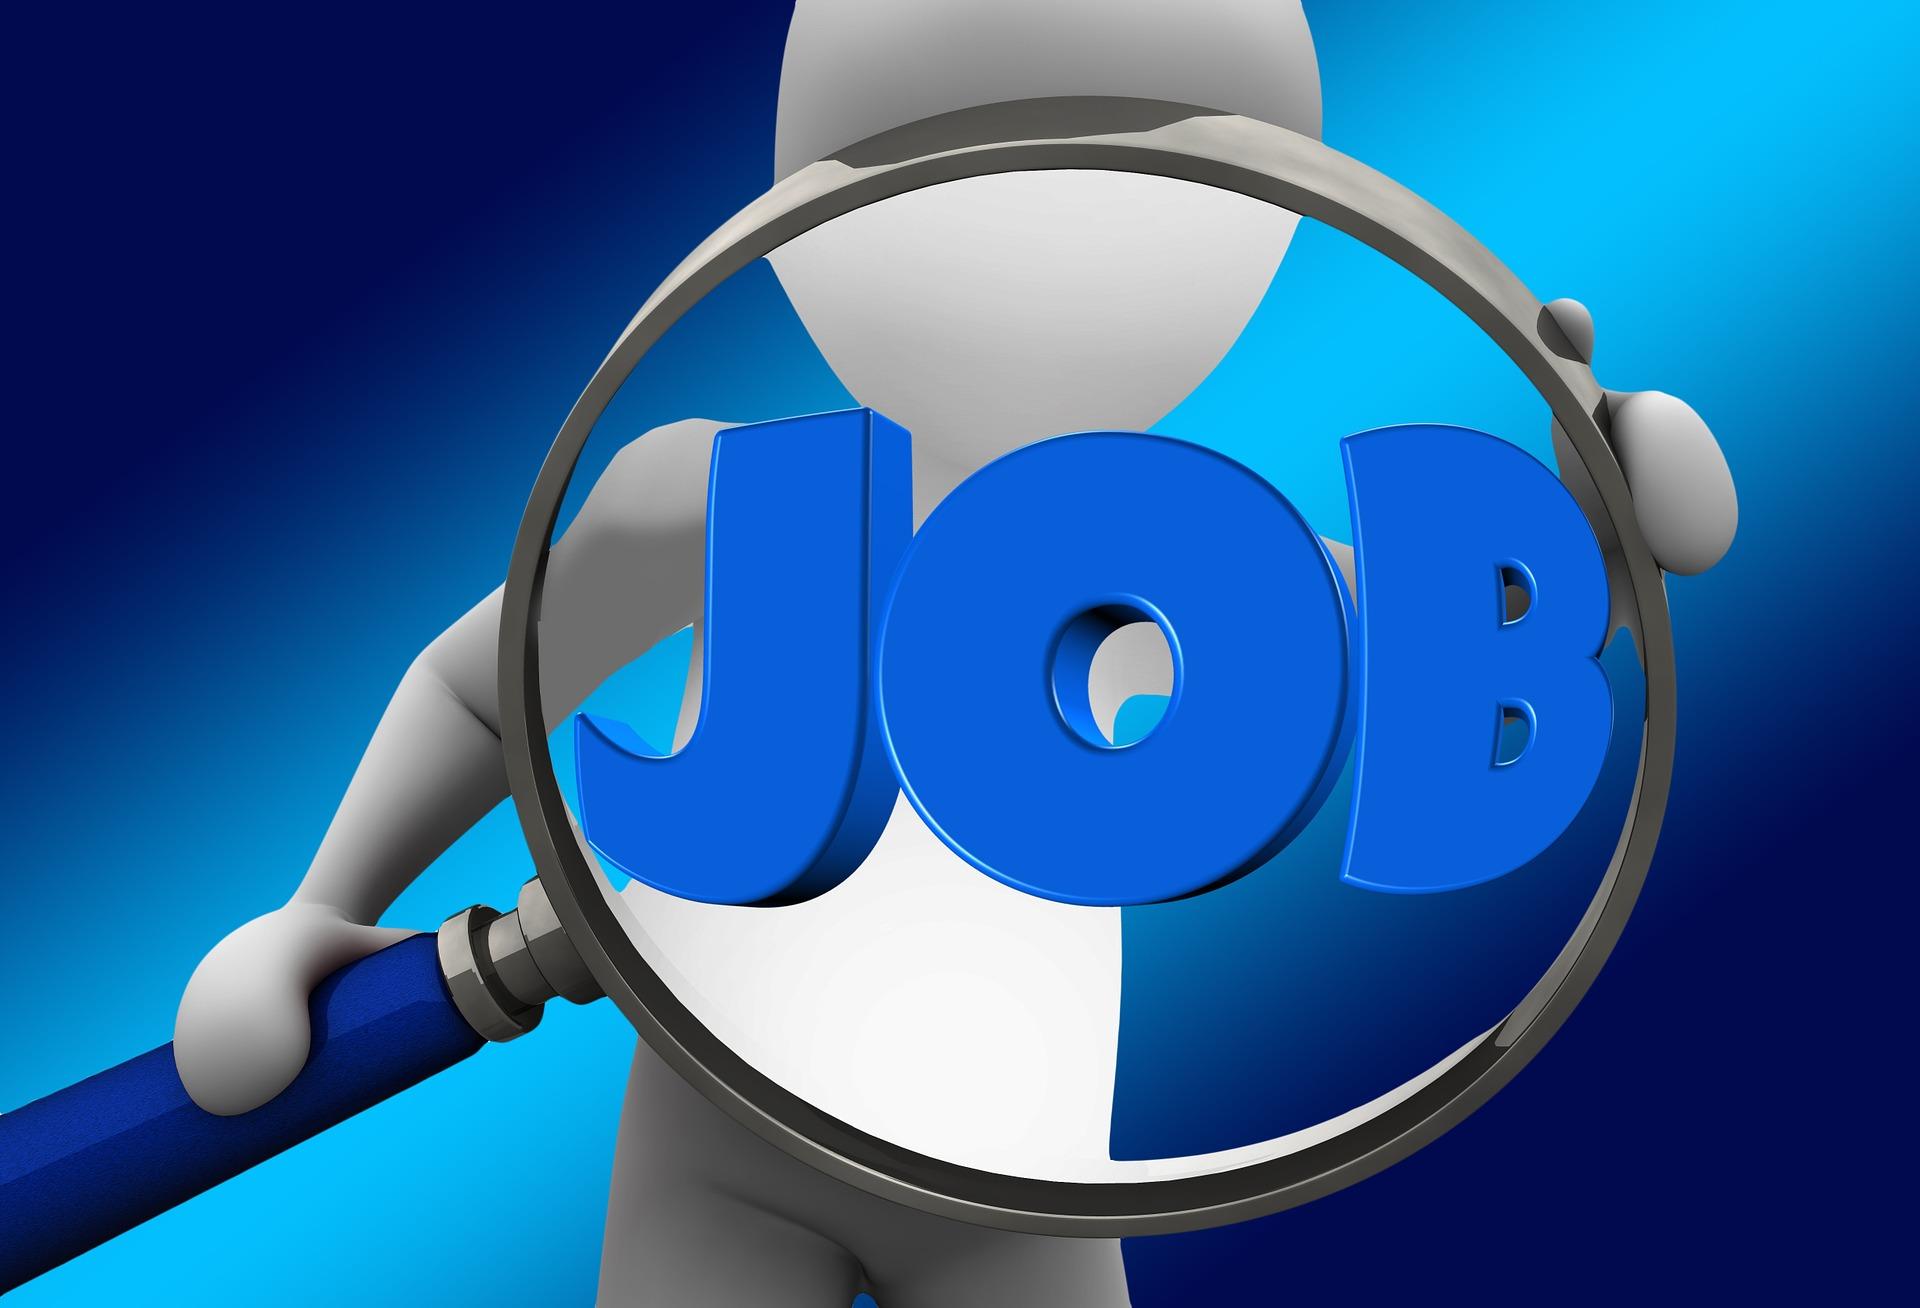 מחפשים עבודה: 6 טיפים שיעזרו לכם בתהליך